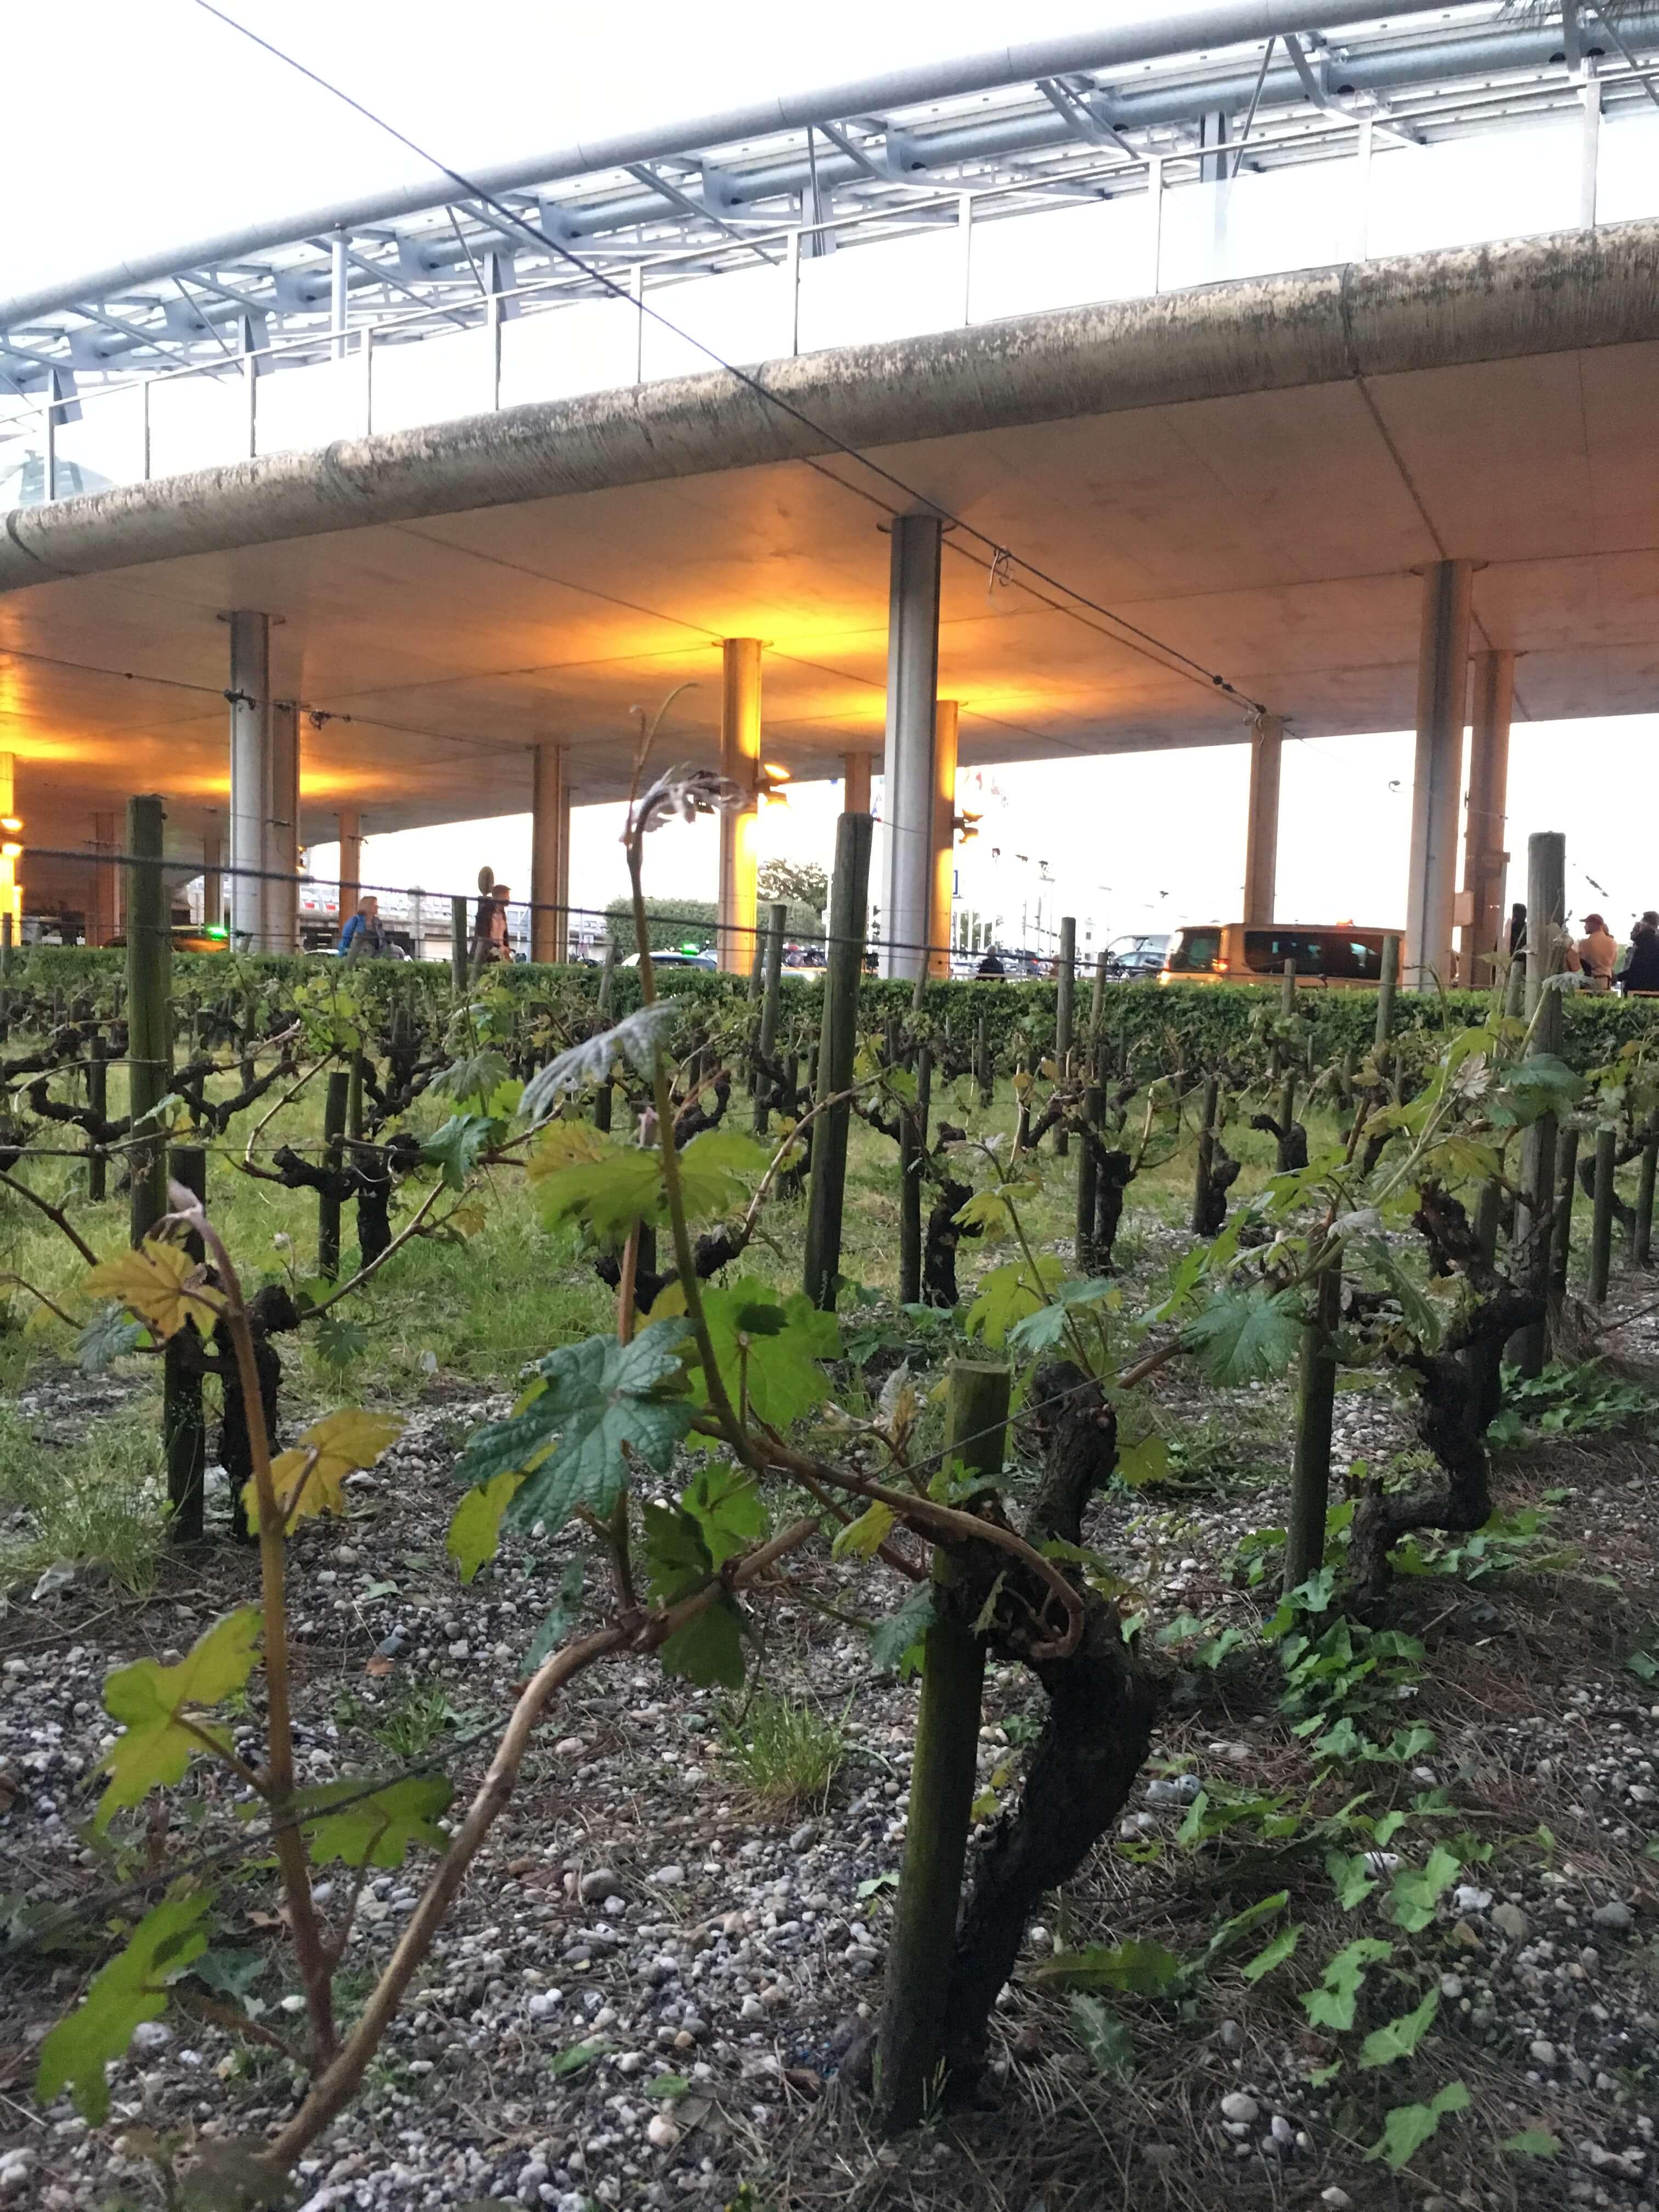 Bordeaux - ærverdige slott, dyre viner og ett av verdens mest prestisjefylte vindistrikt. Og, heldigvis: en vintur til Bordeaux er kun en kort og rimelig flytur unna Norge. Å få oppleve ulike vindistrikt, deres klima, vinstokker og måten de dyrkes på og smake på vinen er en stor glede.